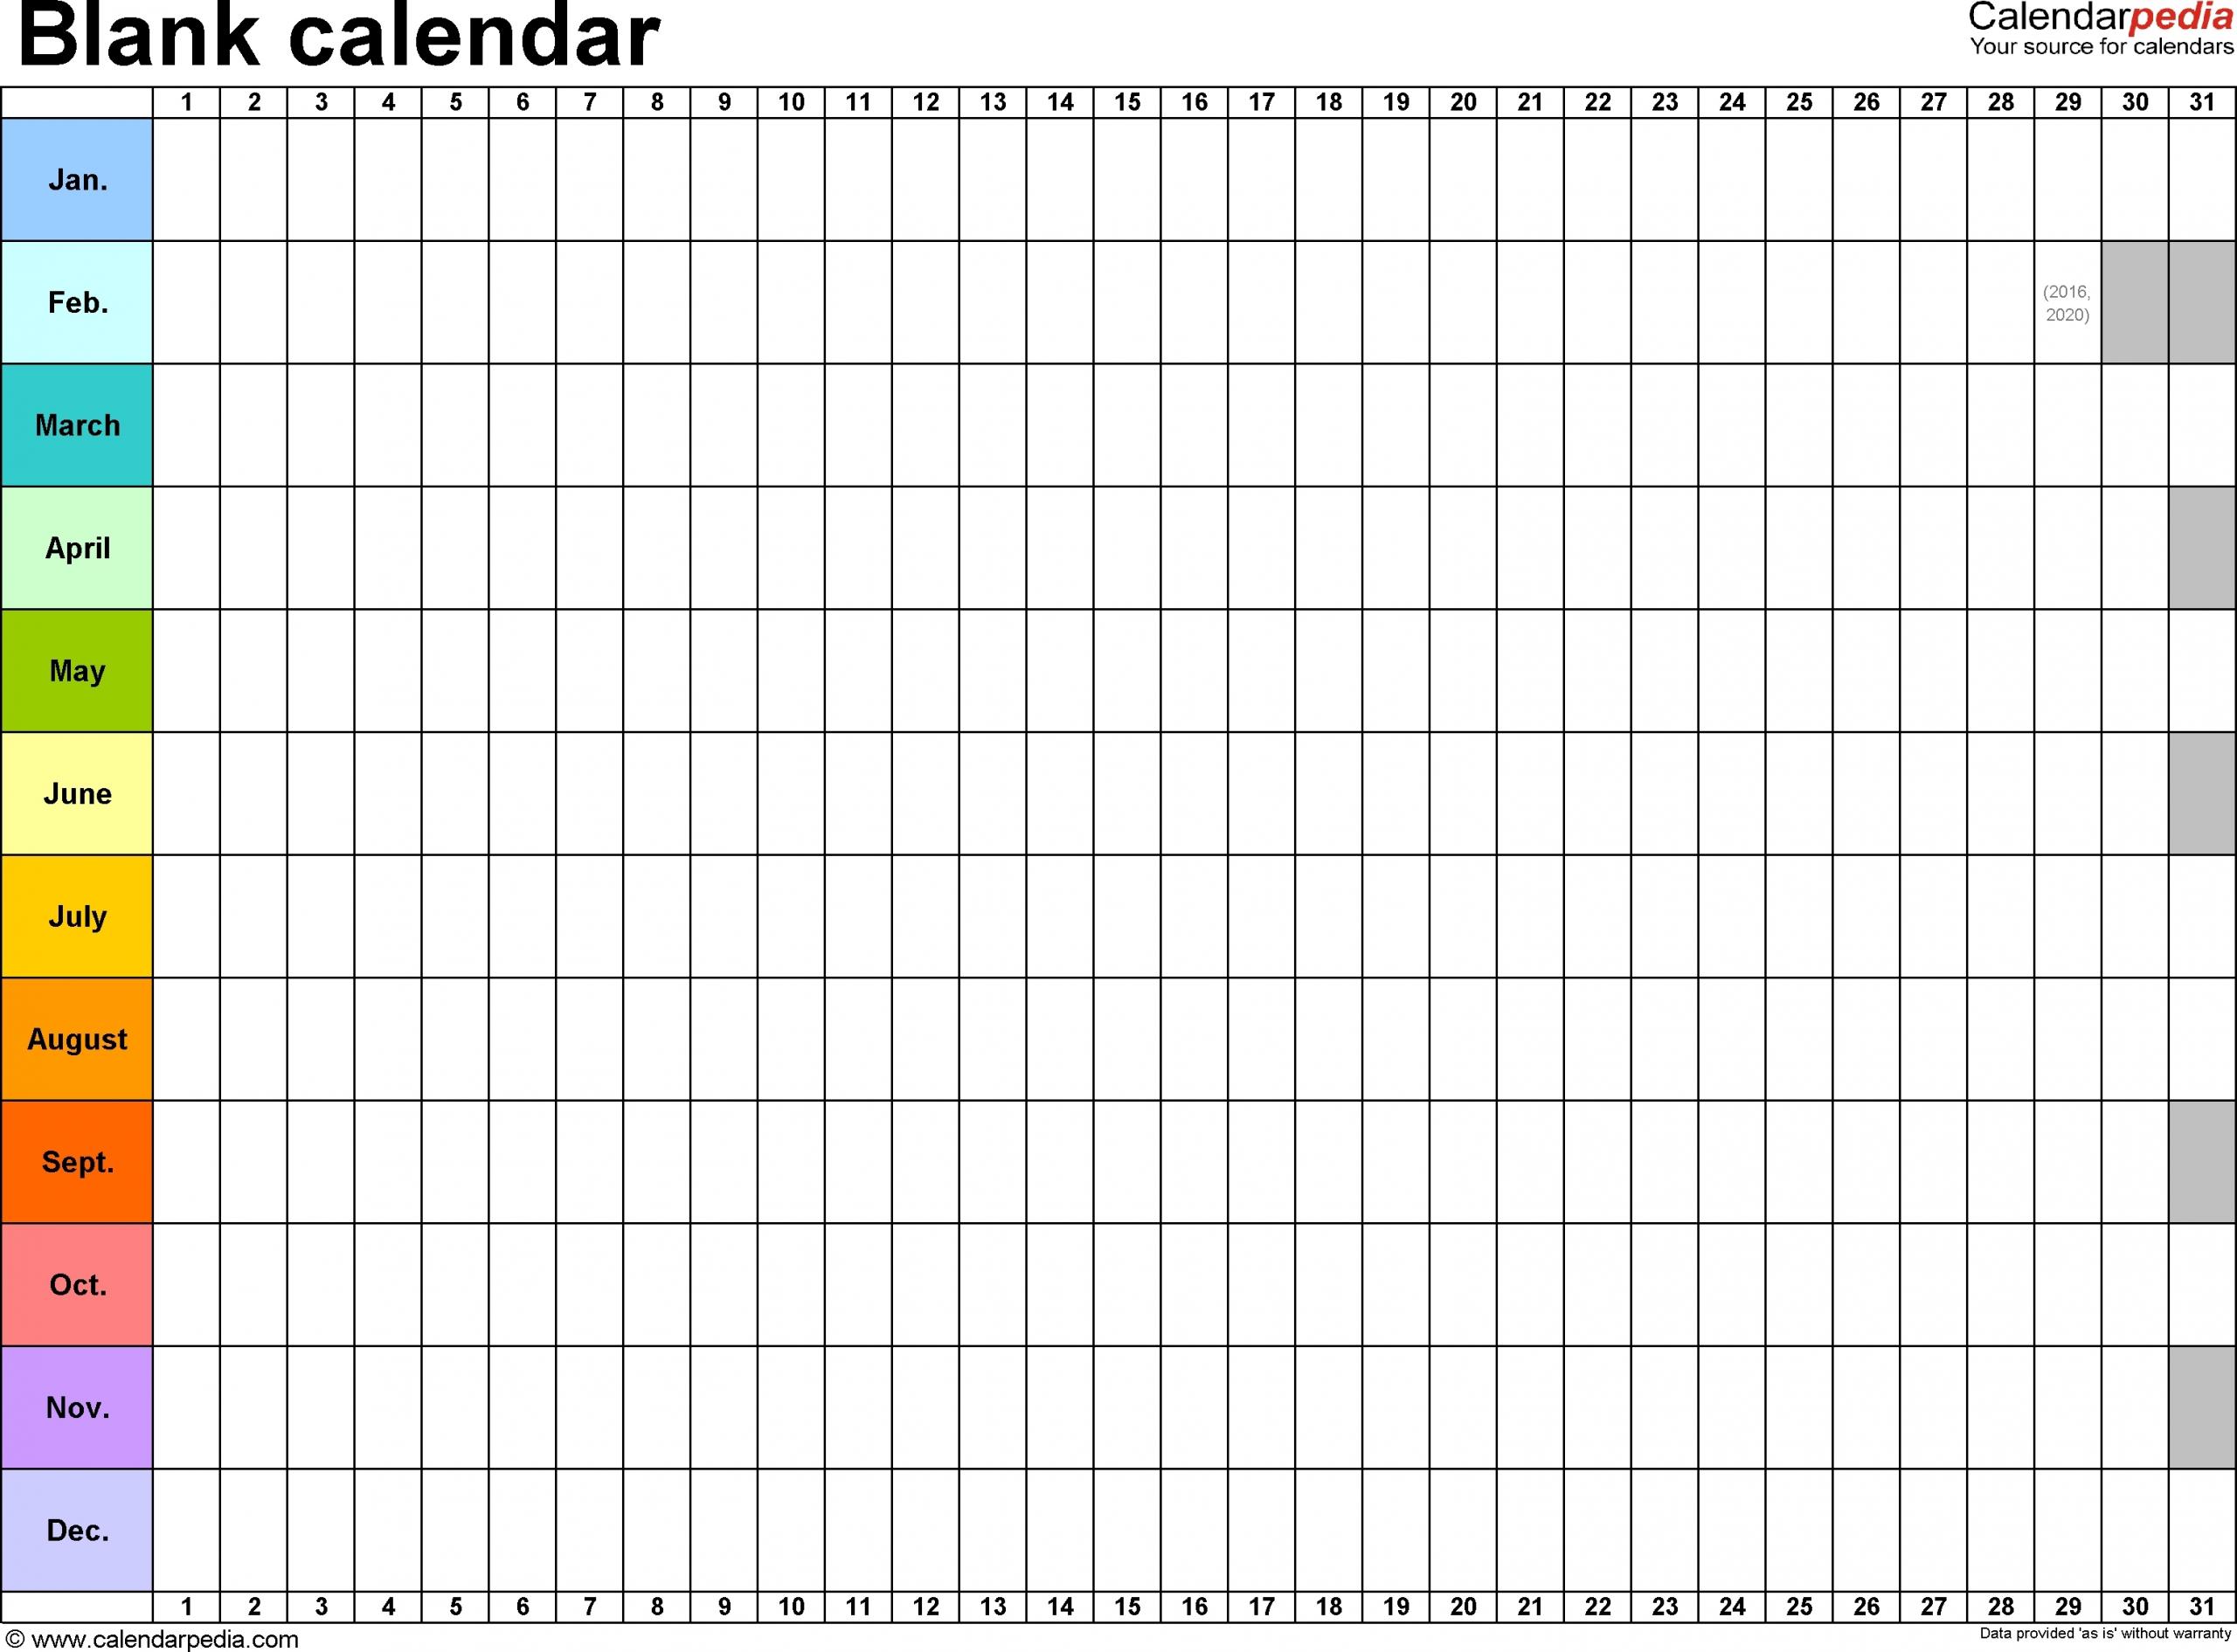 Take 30 Day Calendar Print Out